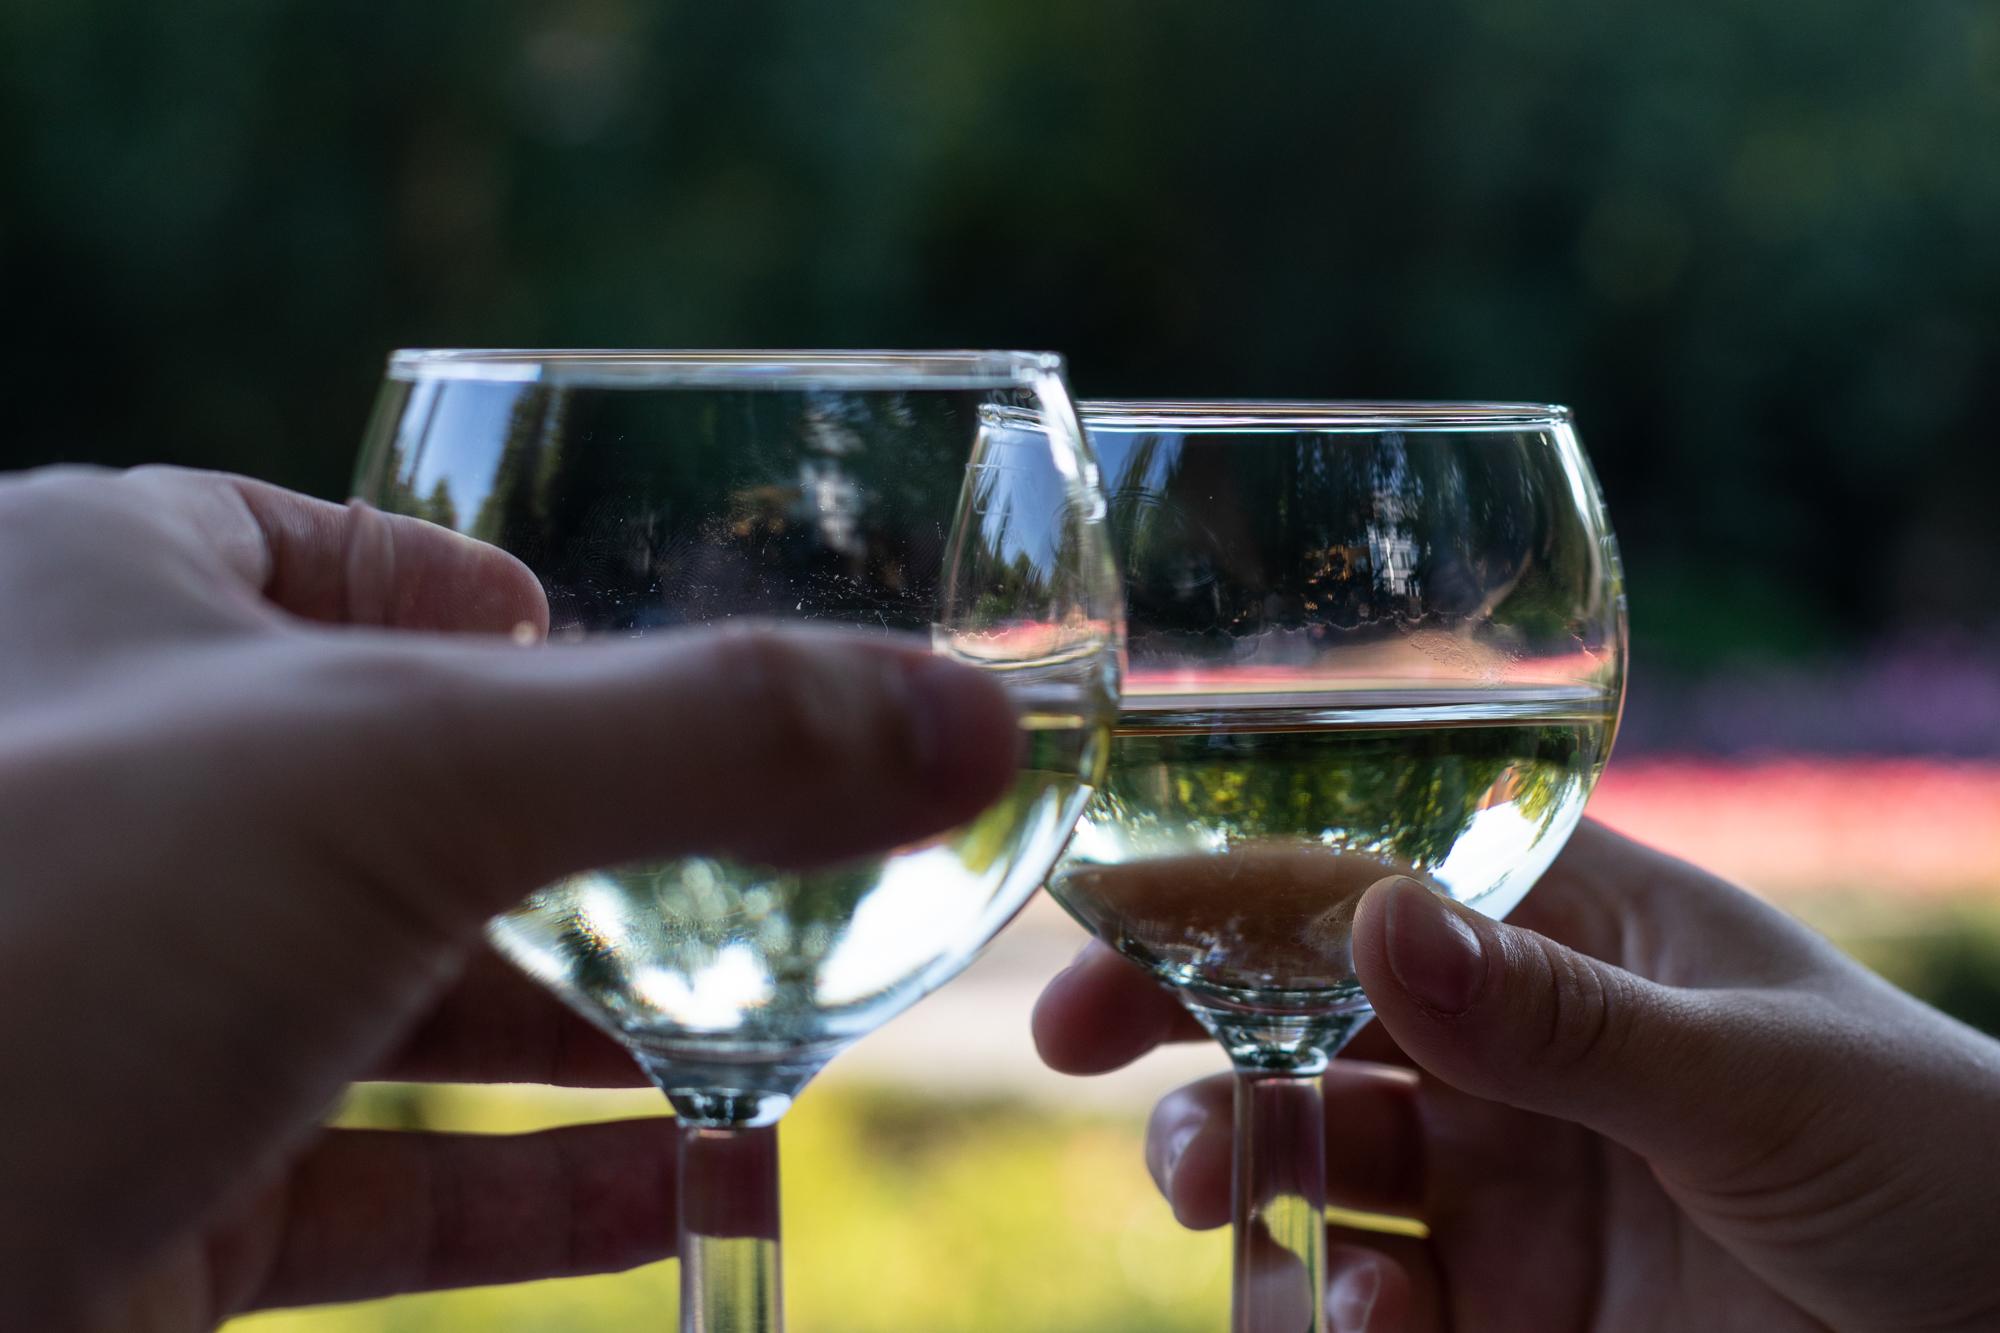 Weingläser am Rheingauer Weinbrunnen - eine Holzhütte, die Weine aus dem Rheingau-Taunus in Hessen am Rüdesheimer Platz in Berlin Wilmersdorf serviert